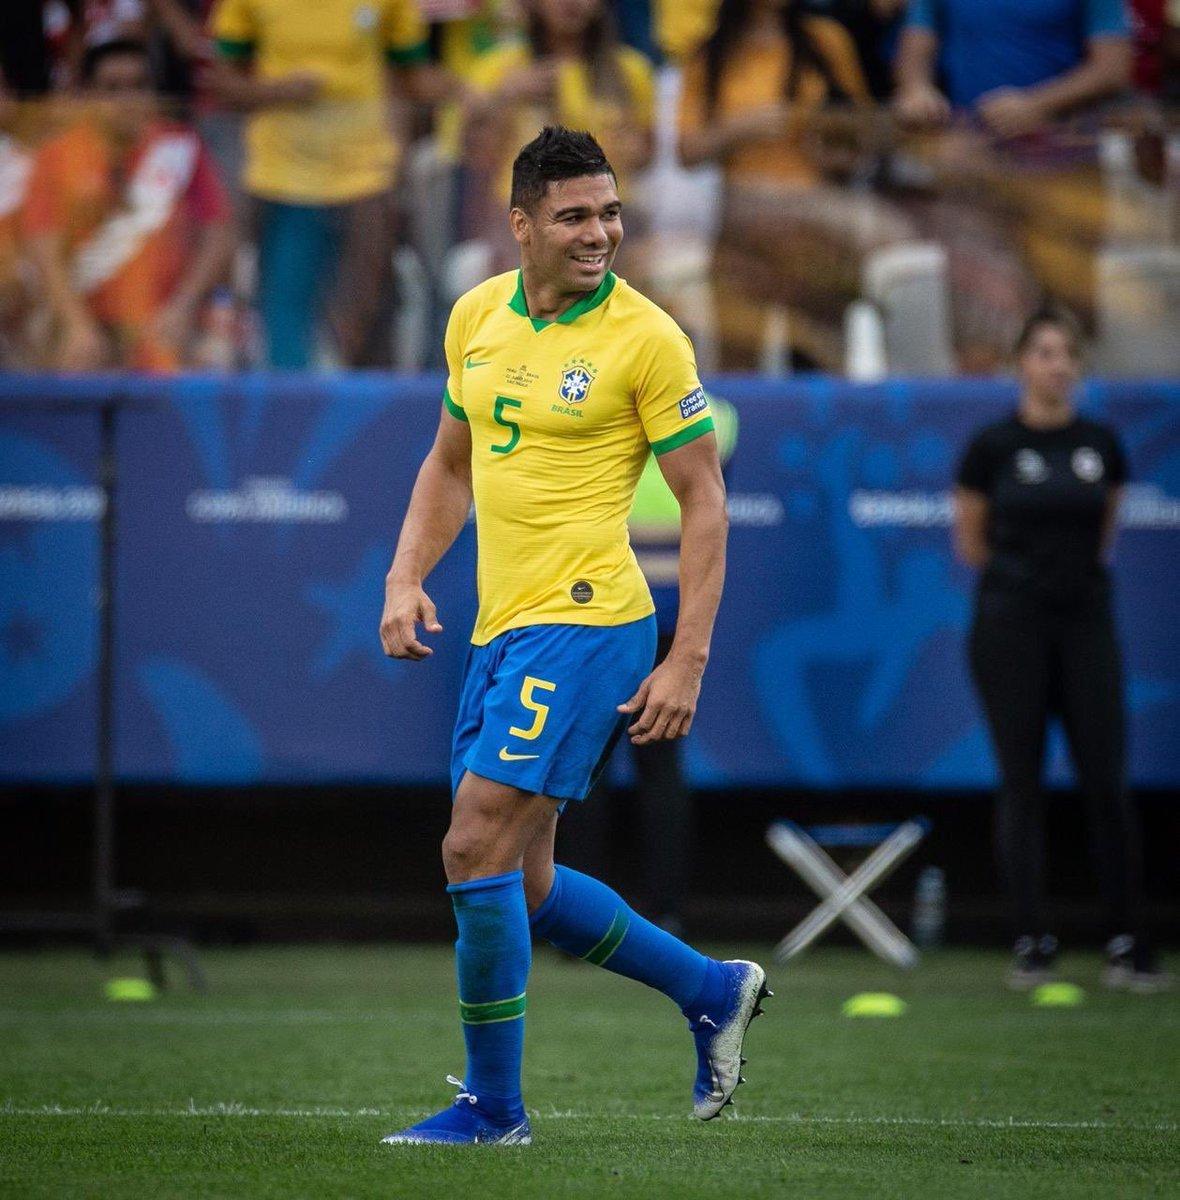 كاسيميرو لاعب منتخب البرازيل